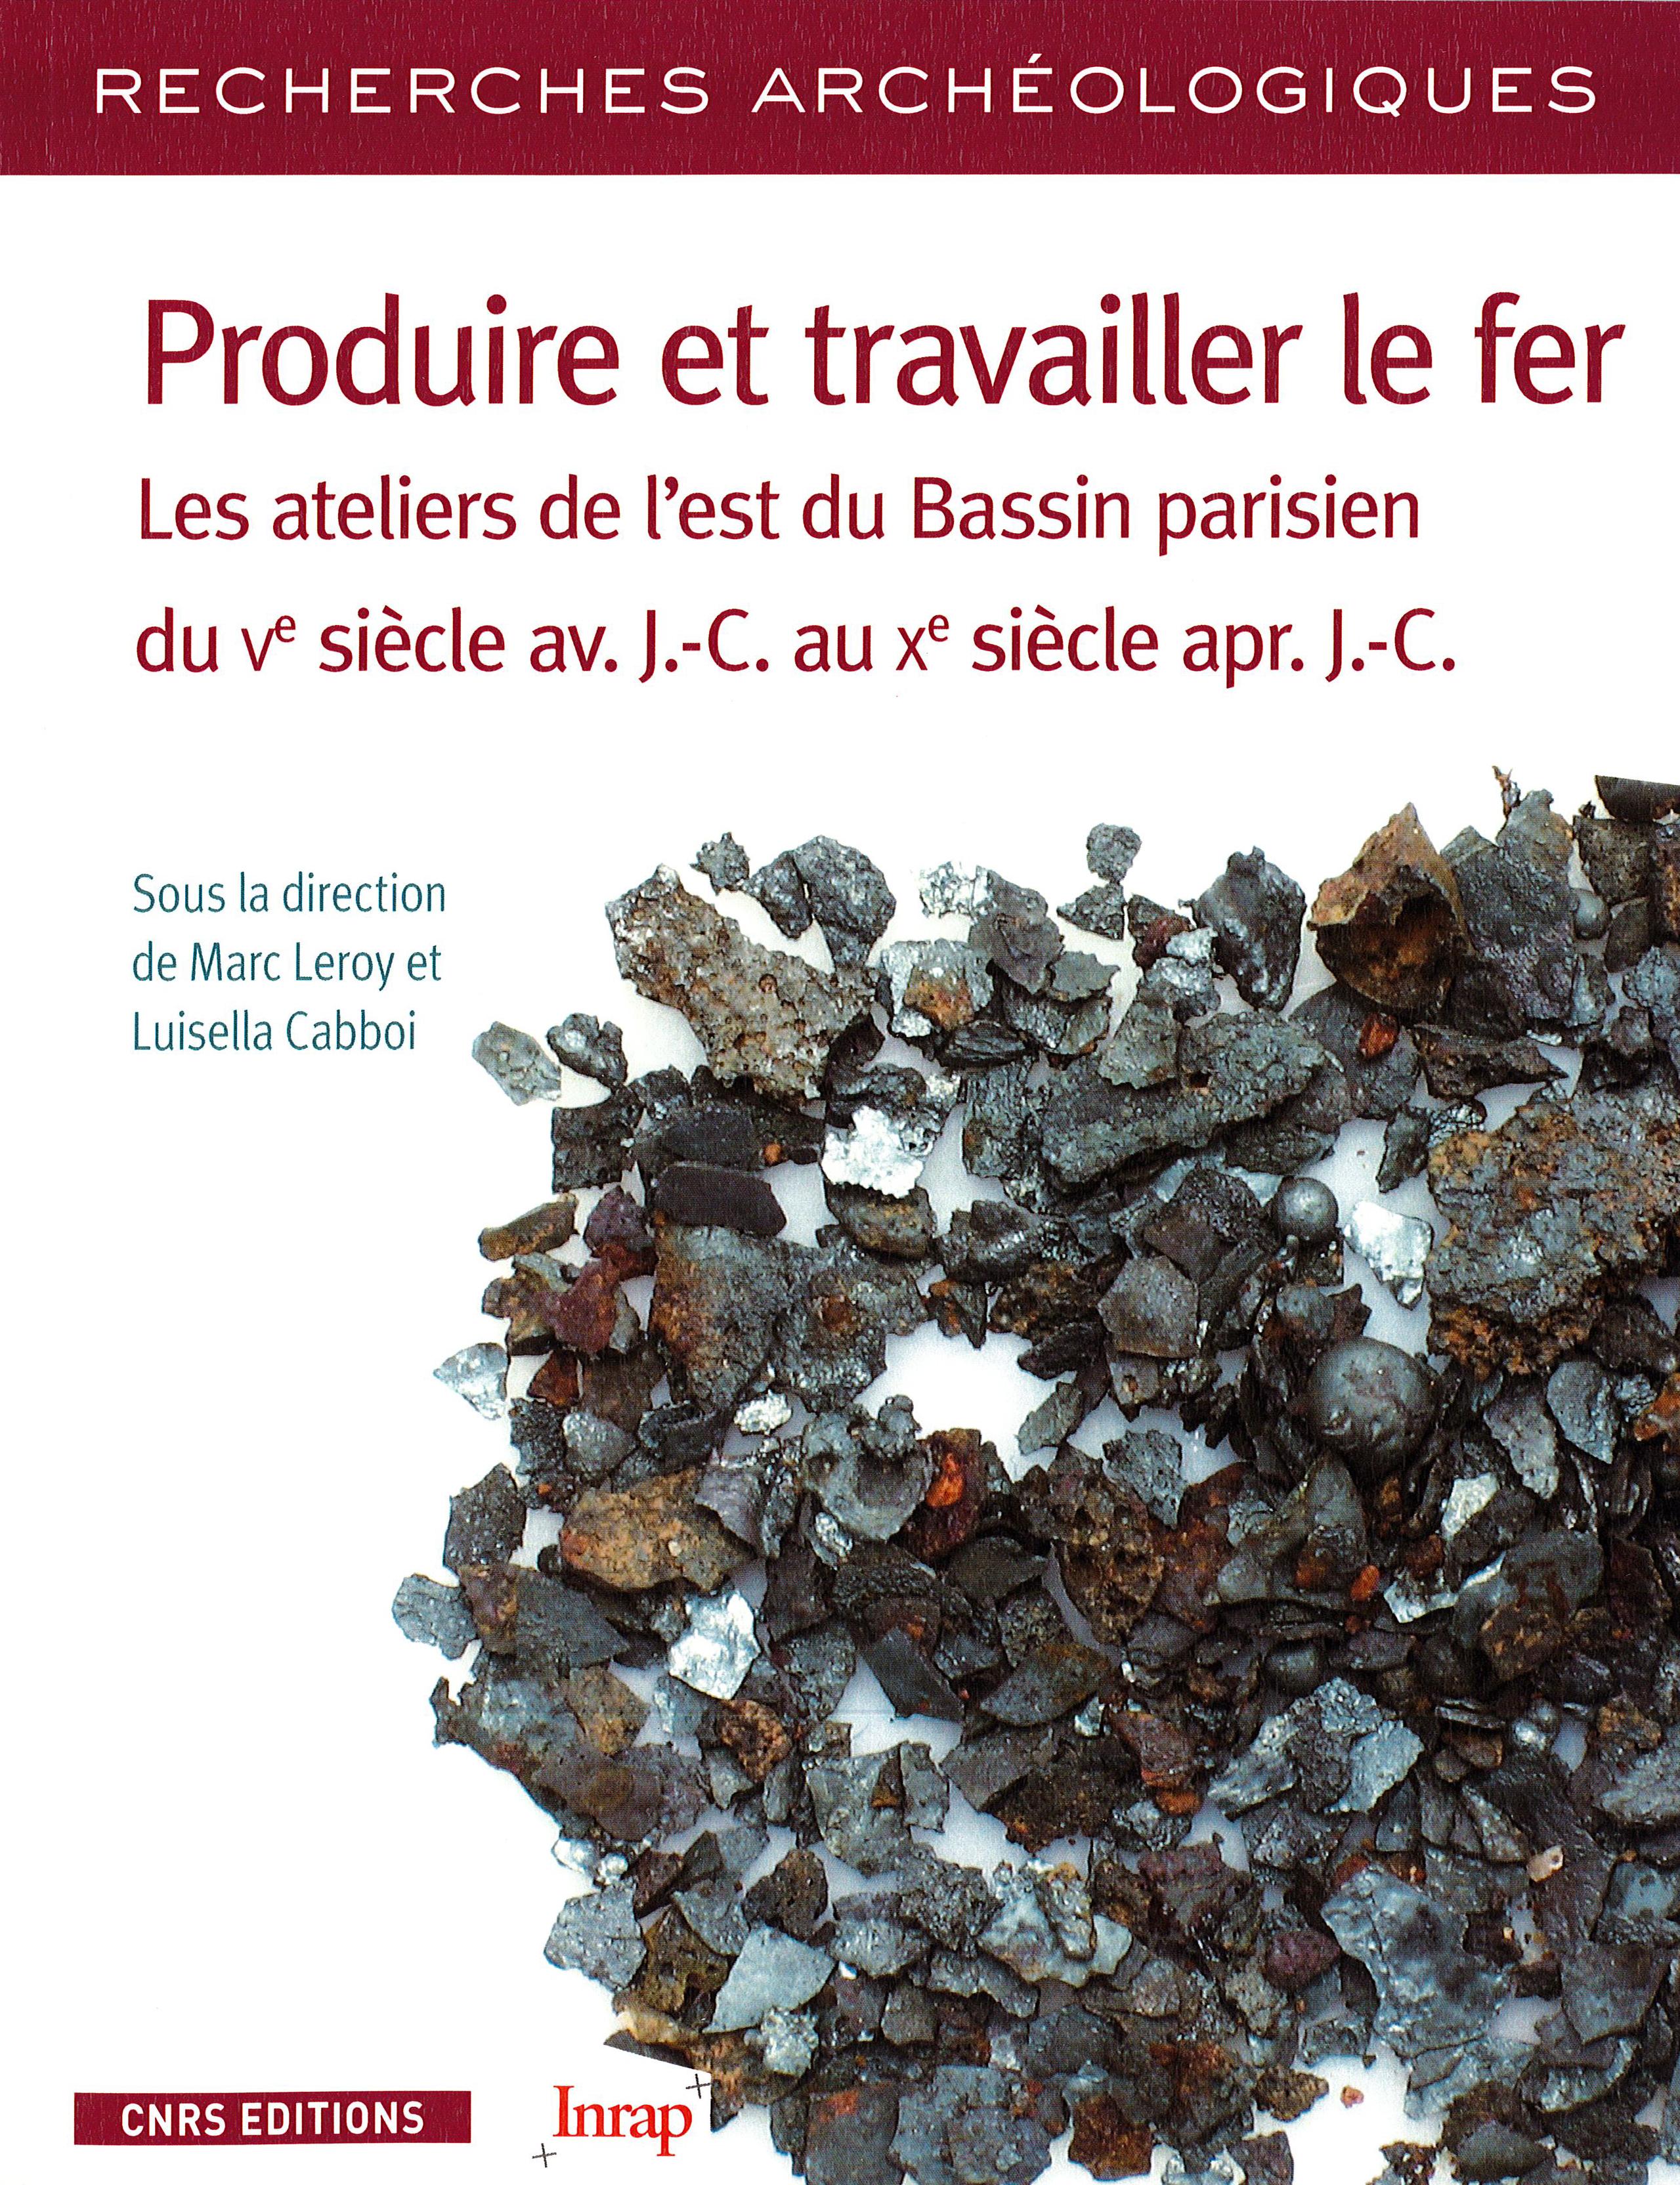 Recherches archéologiques 16